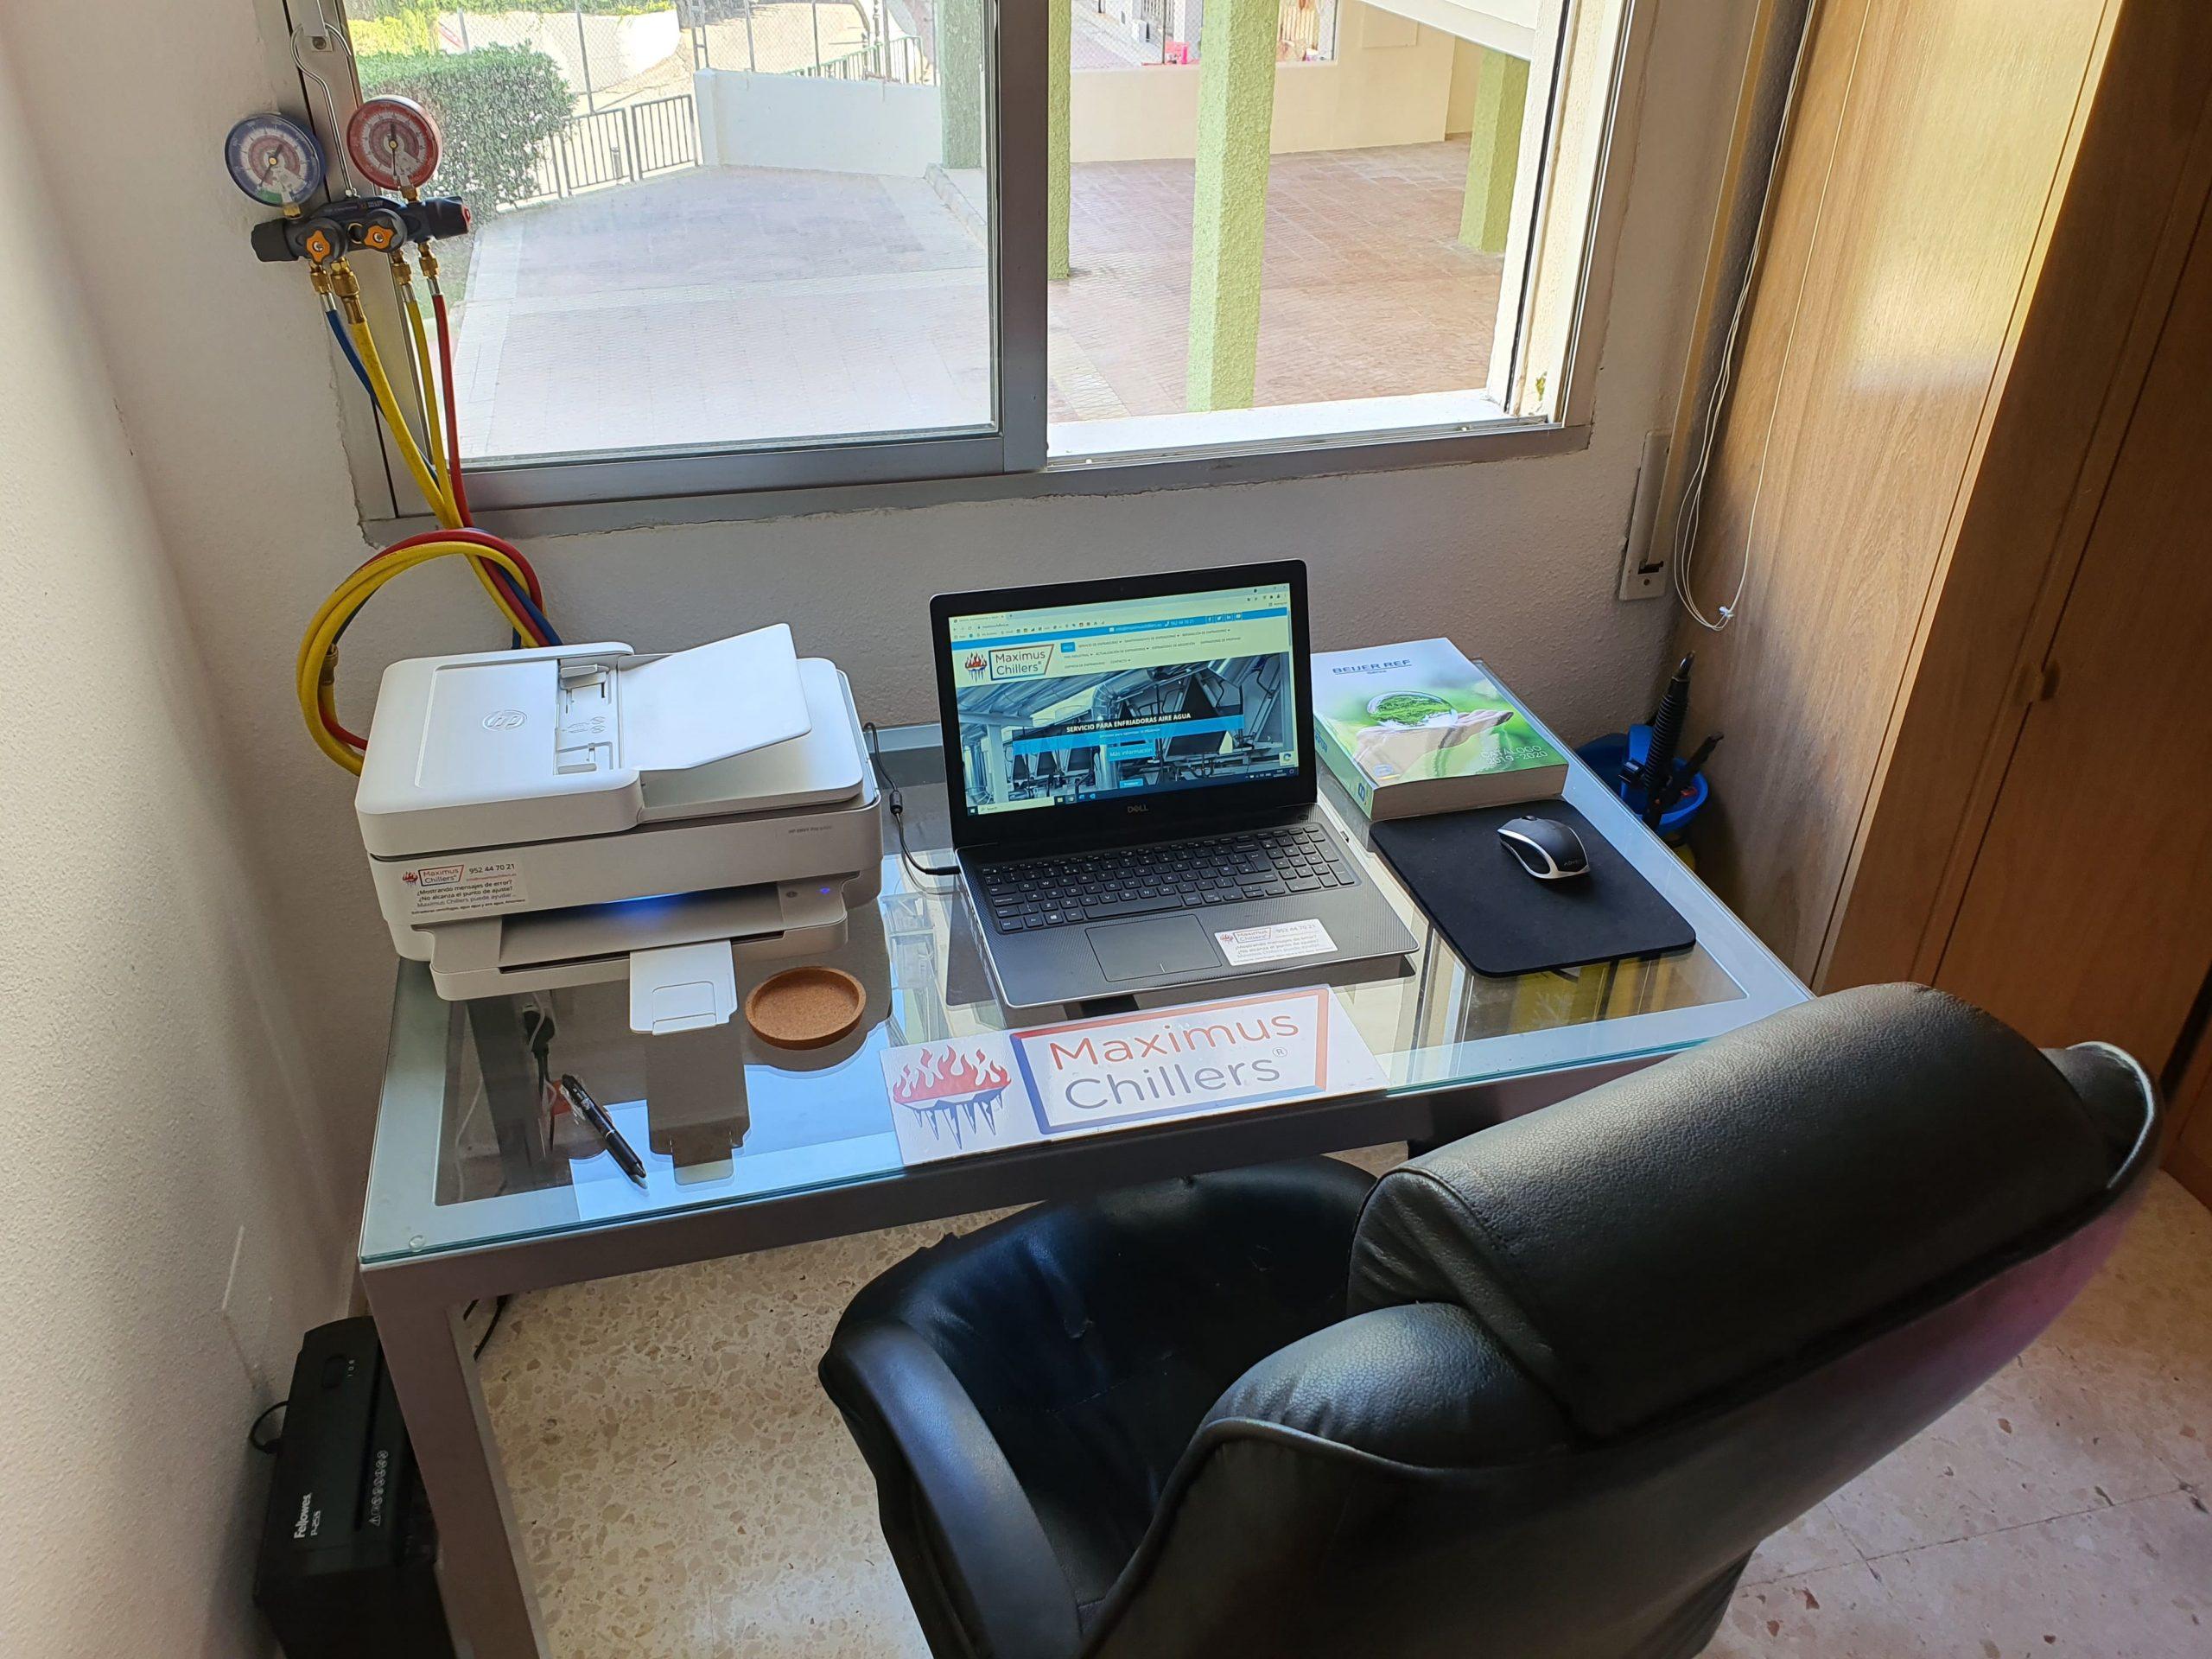 Escritorio de oficina en España con ordenador, manómetros de refrigerante y impresora